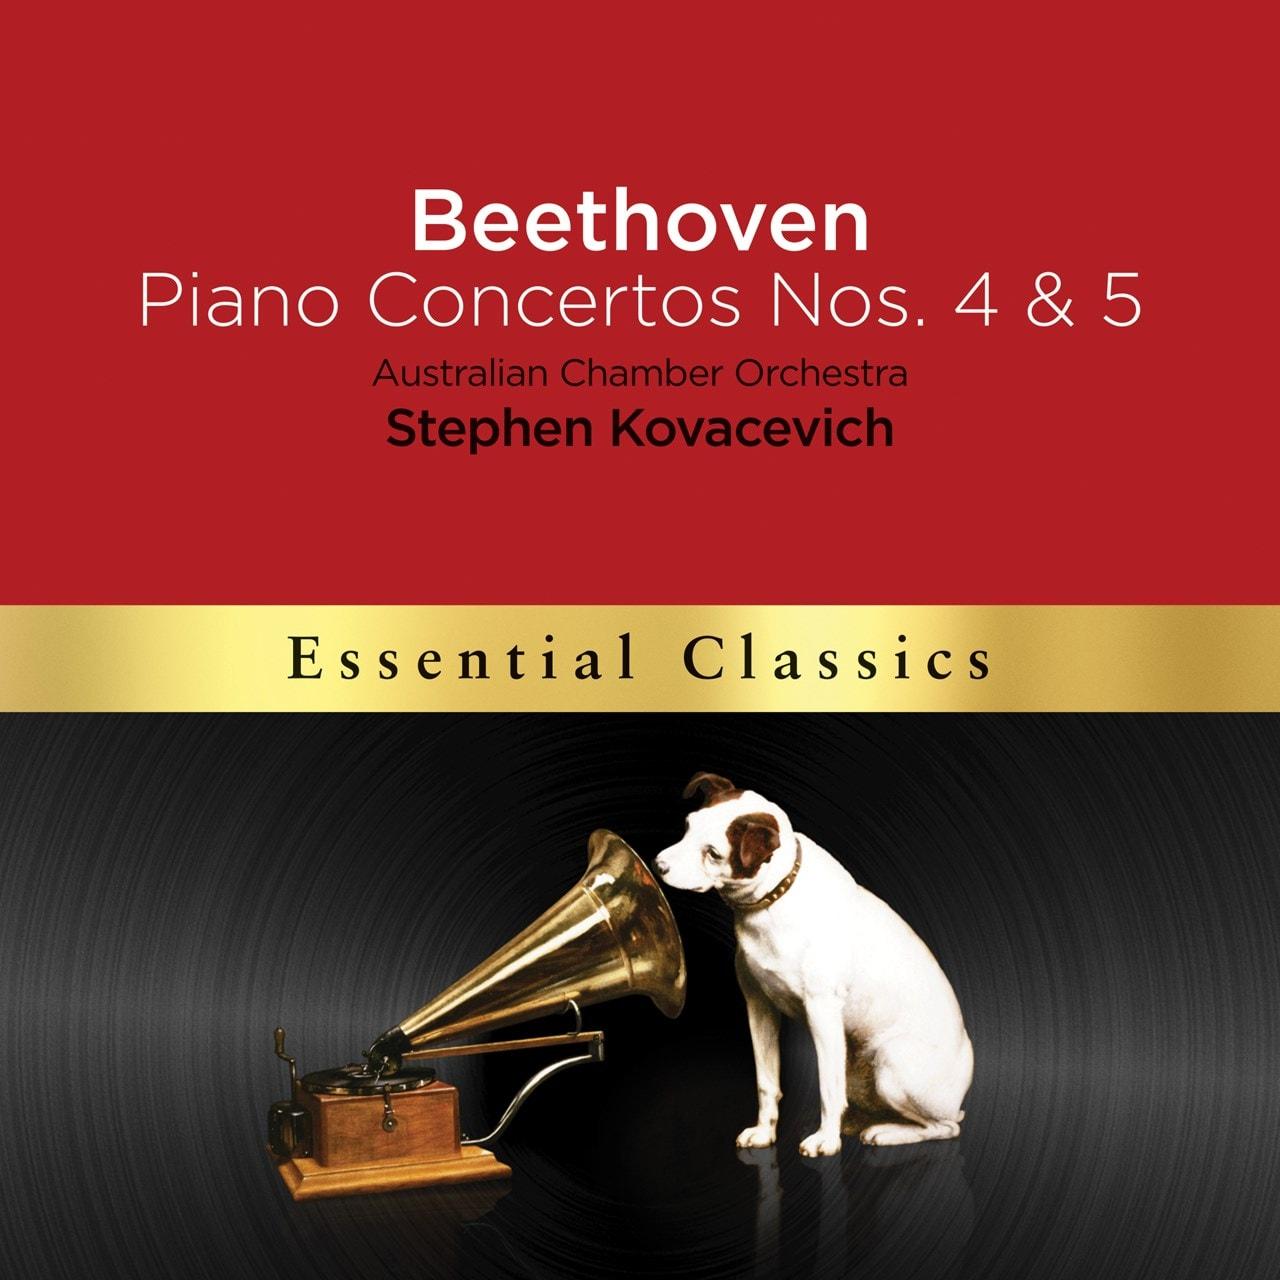 Beethoven: Piano Concertos Nos. 4 & 5 'Emperor' - 1